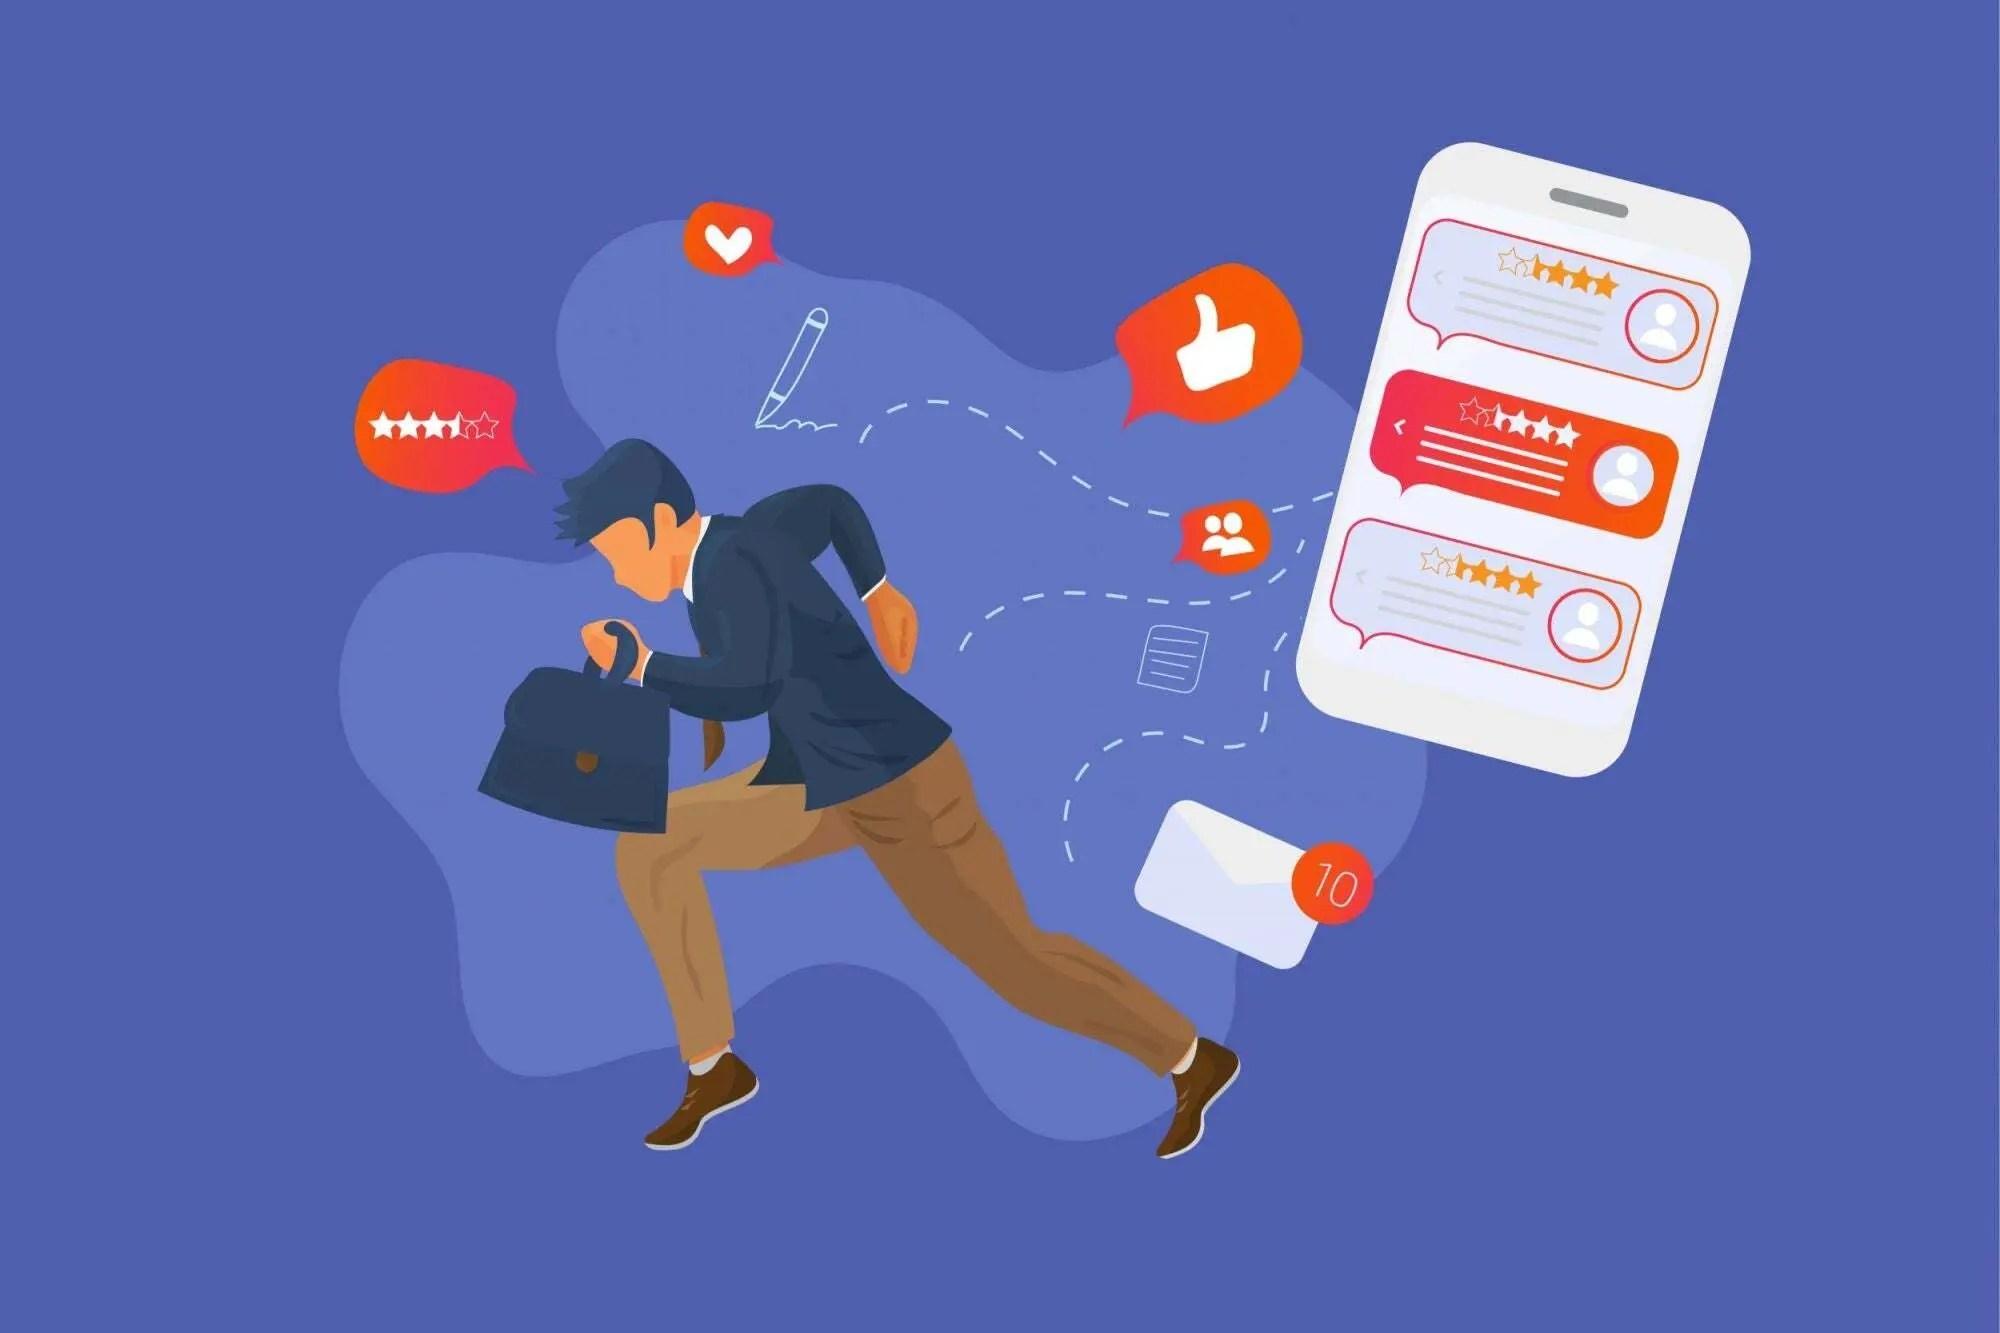 social media brands